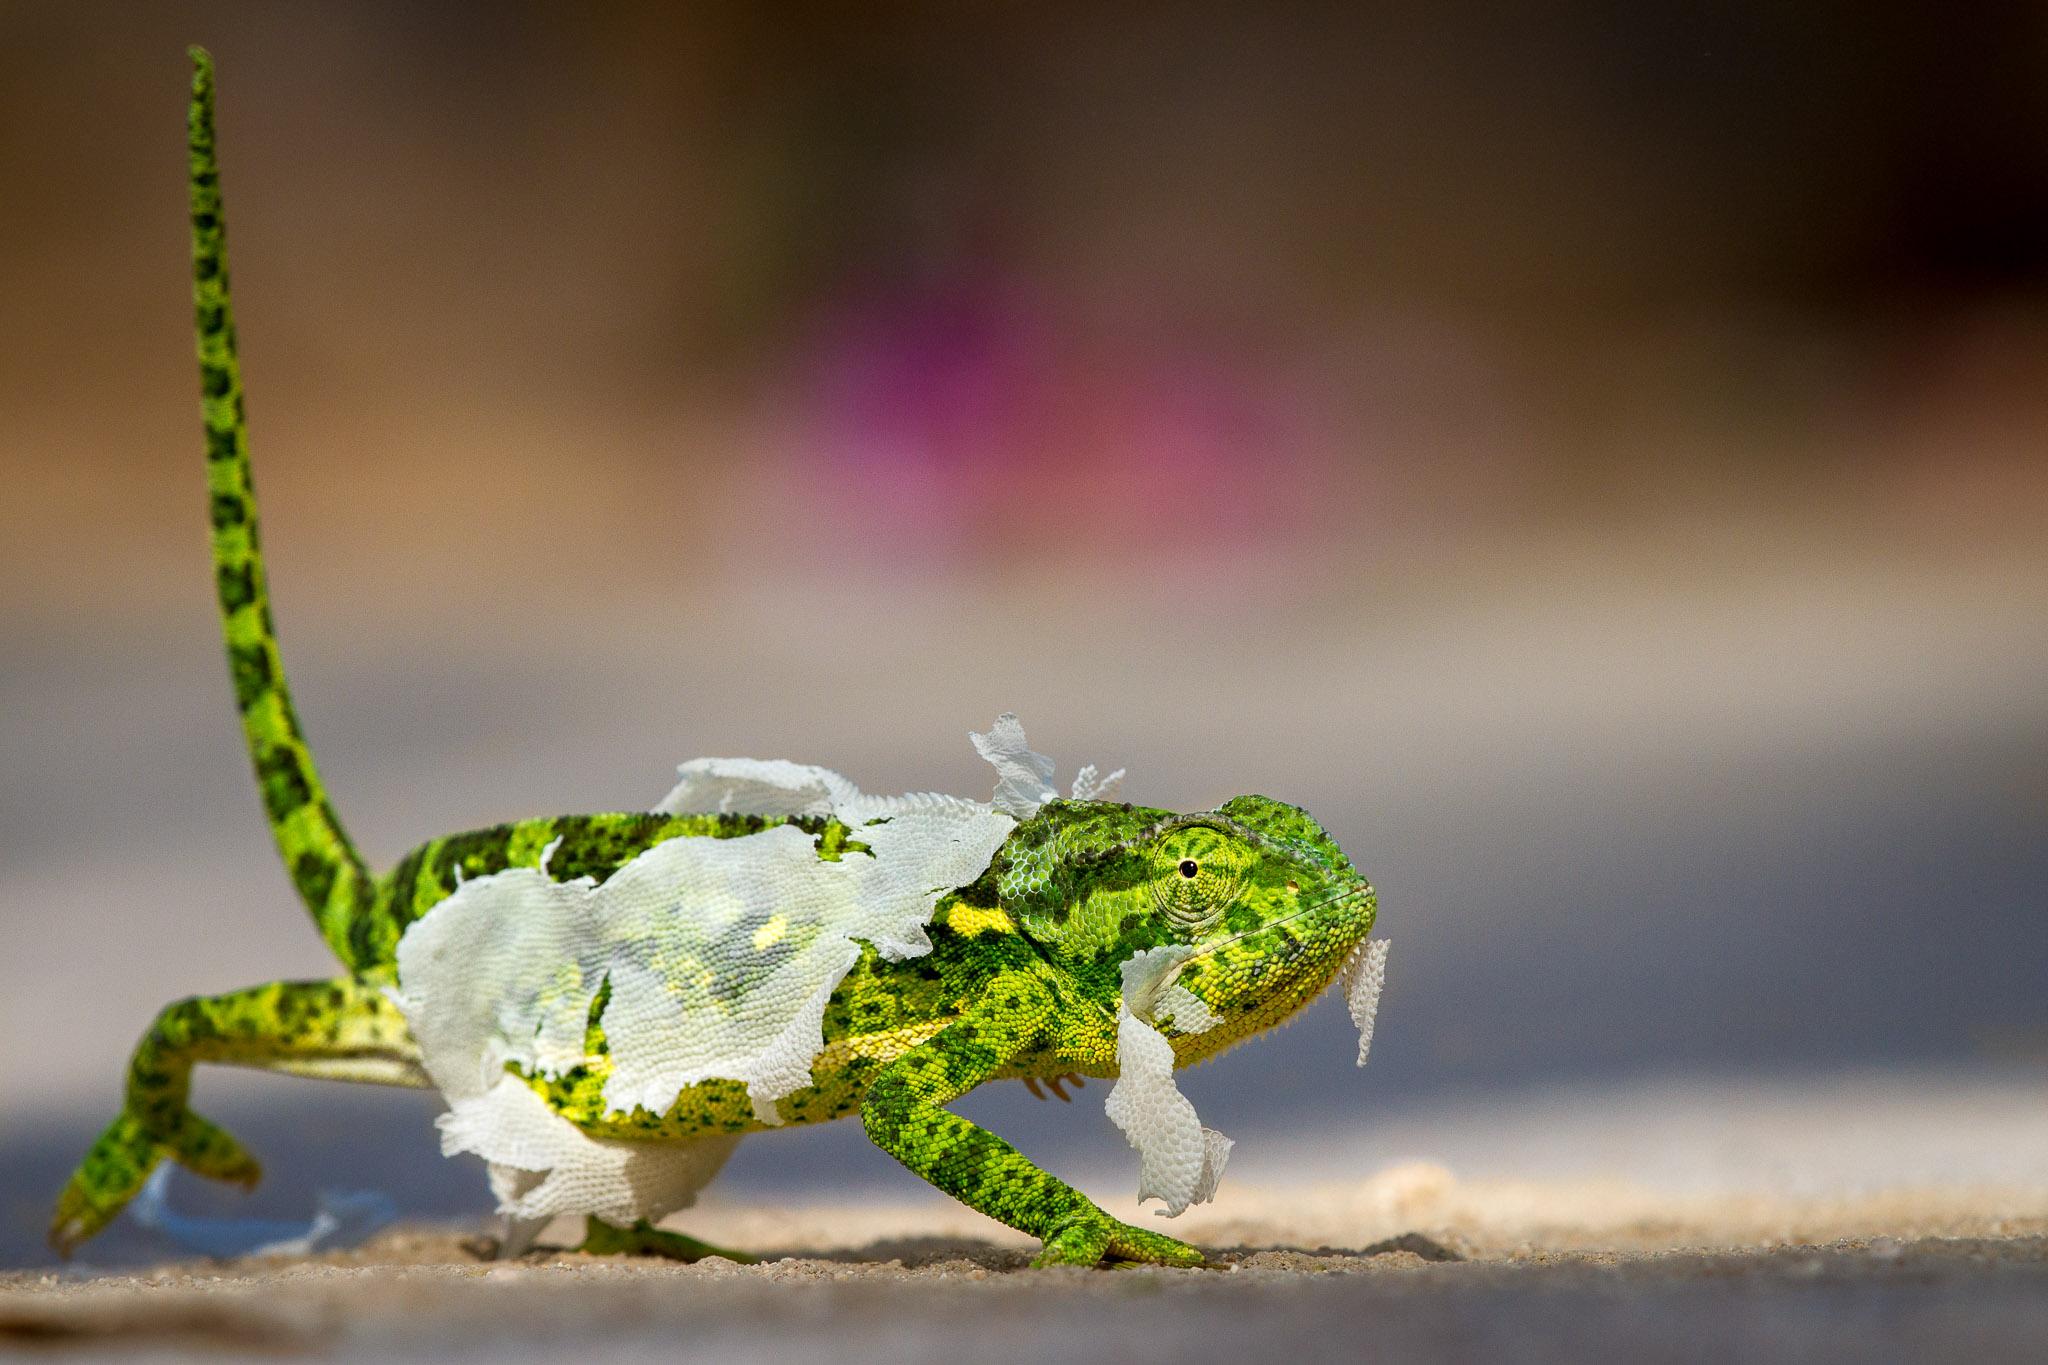 A chameleon shedding its skin